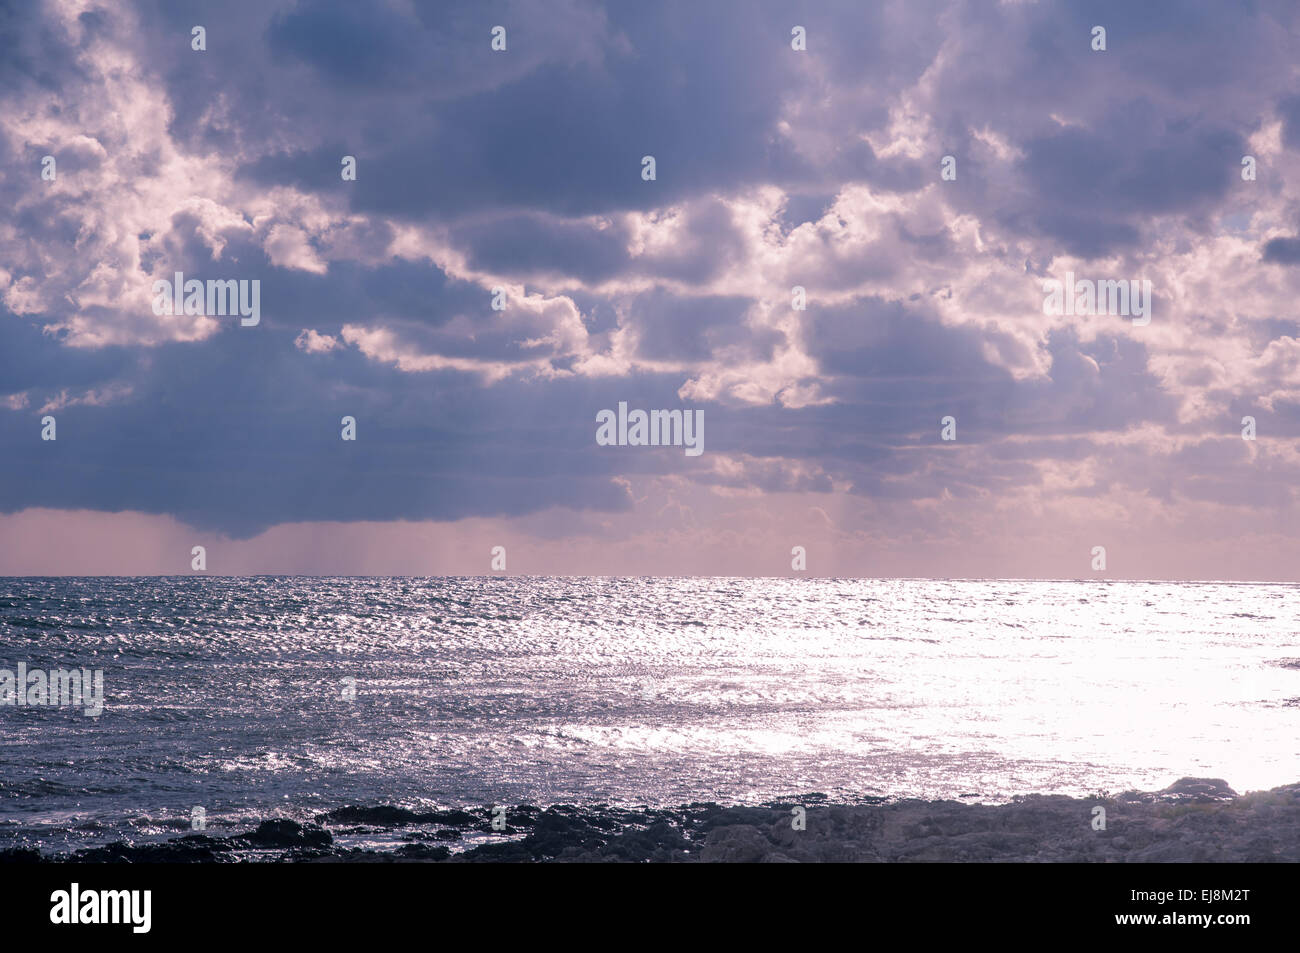 Glistening sea. - Stock Image